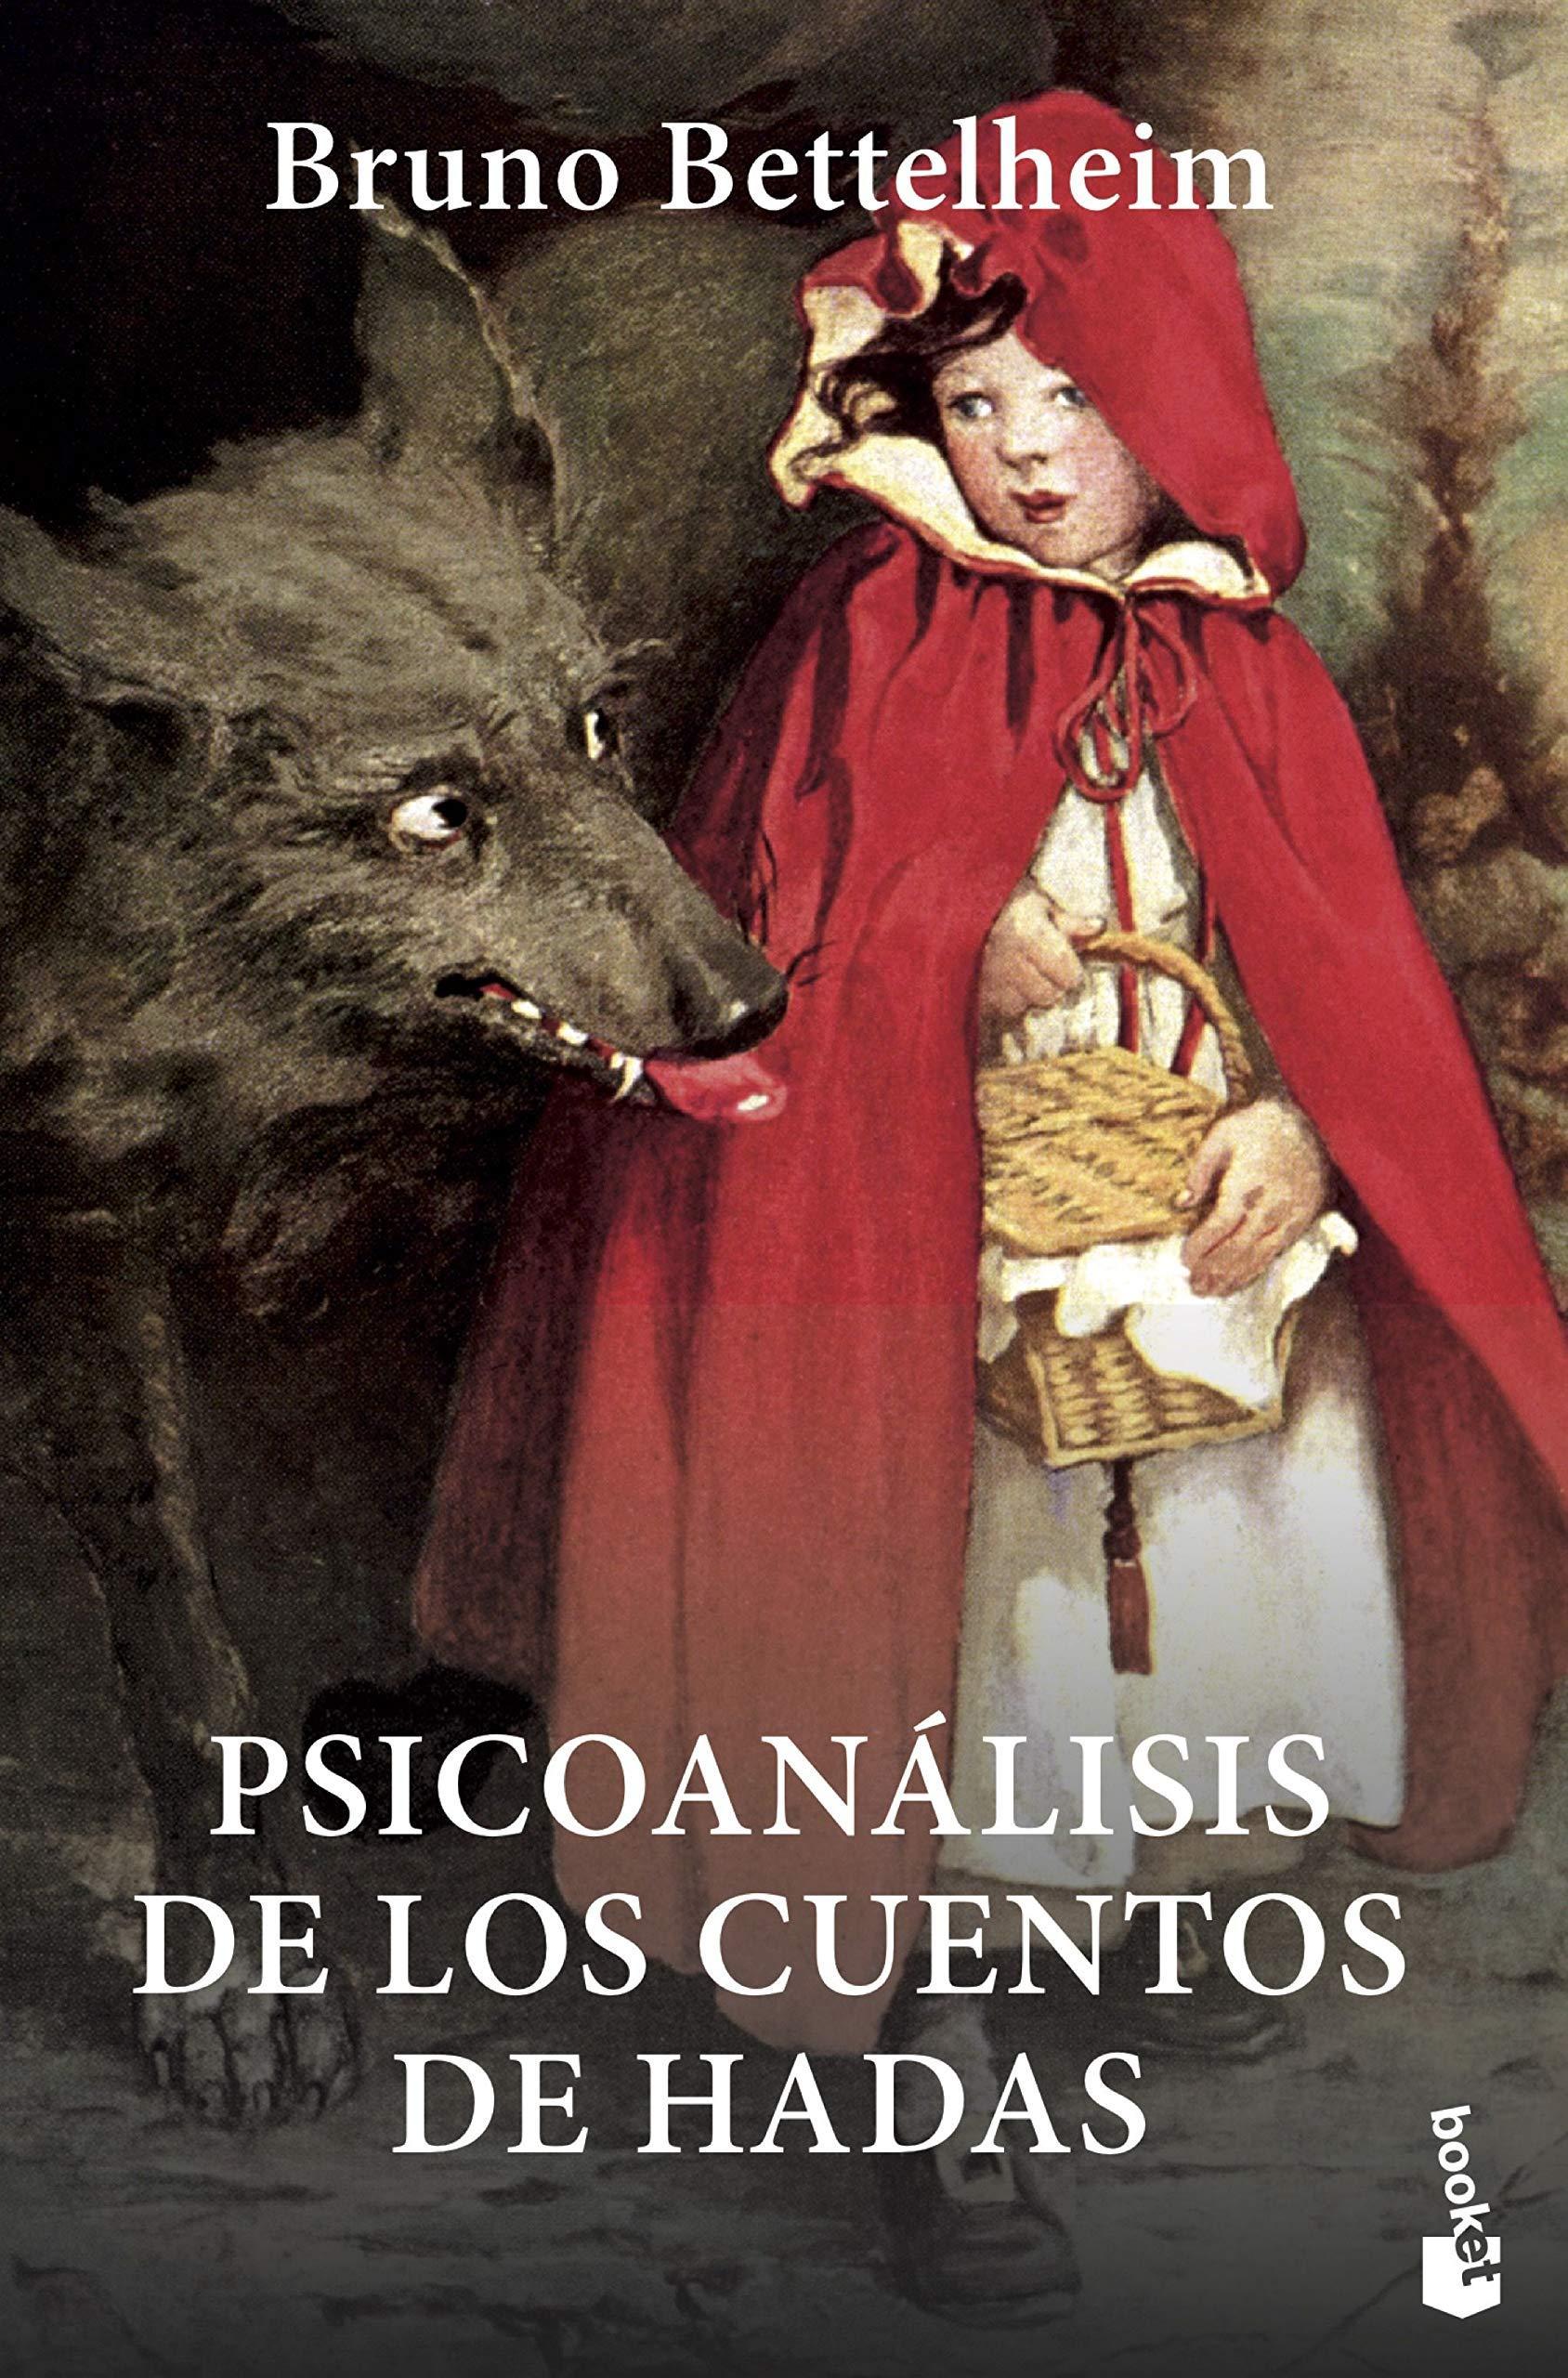 """""""Psicoanálisis de los cuentos de hadas"""", Bruno Bettelheim. En un reino muy cercano. Por Rocío Álvarez González."""